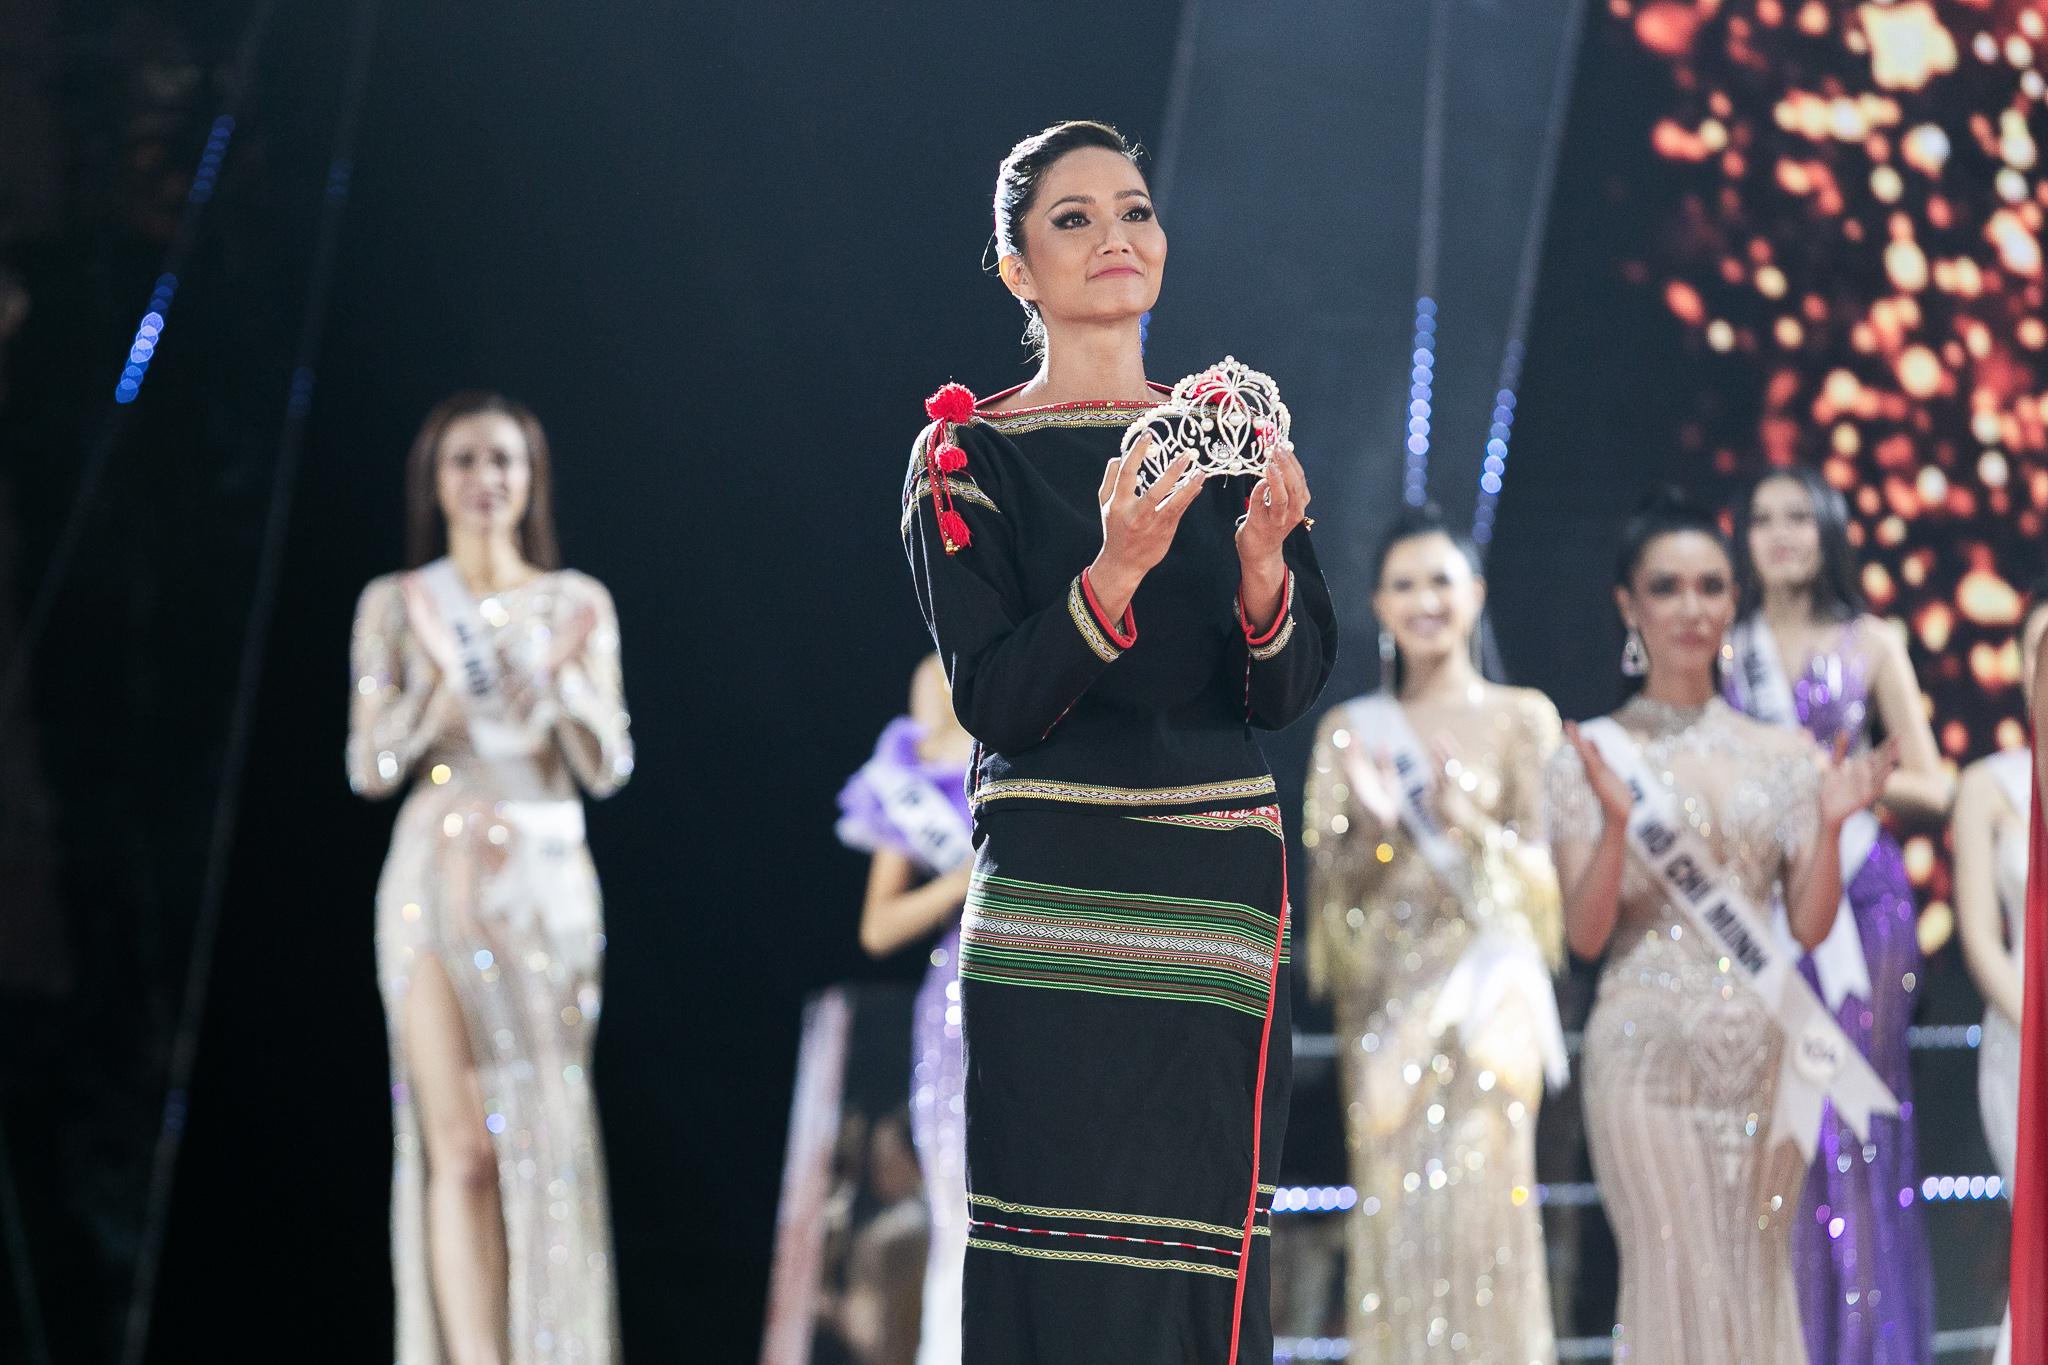 H'Hen Niê trong trang phục dân tộc Ê-đê, đi chần trần trên sân khấu Chung kết Hoa hậu Hoàn vũ Việt Nam 2019